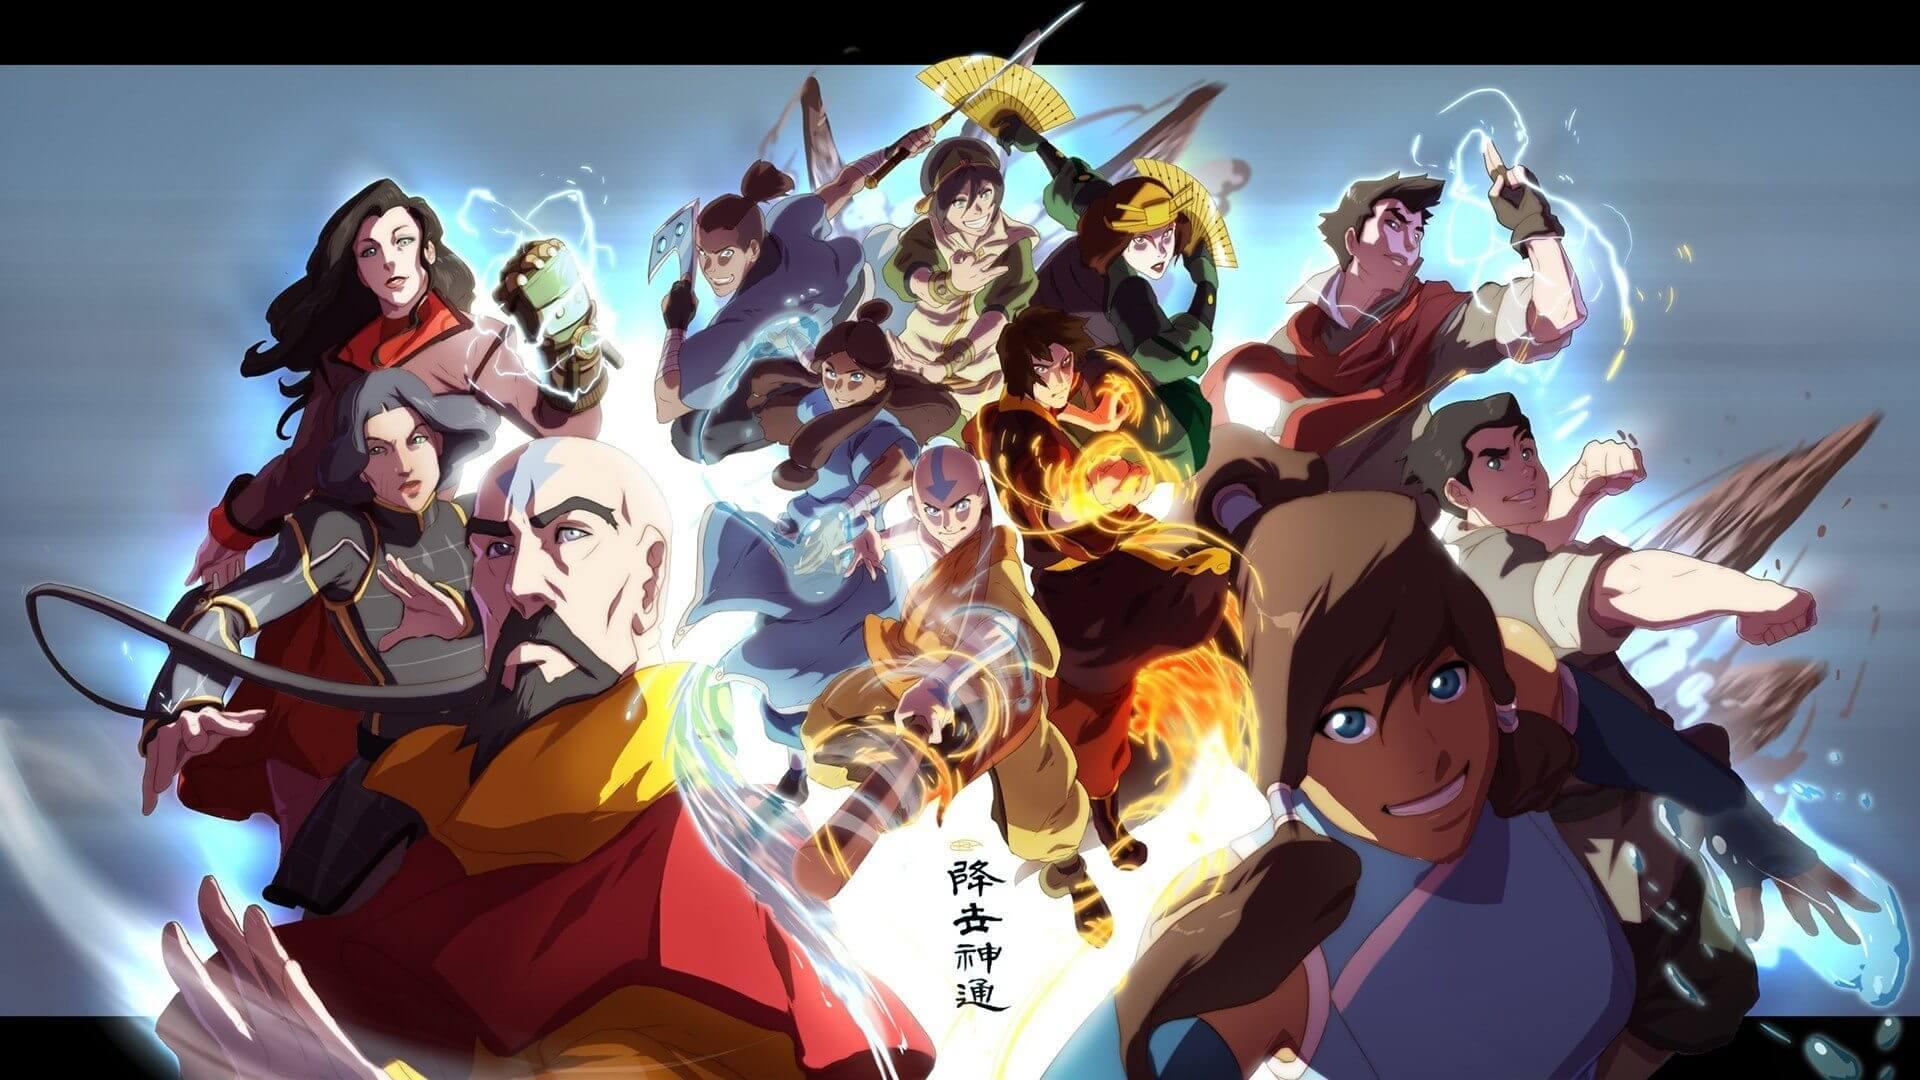 avatar the legend of korra widescreen wallpaper